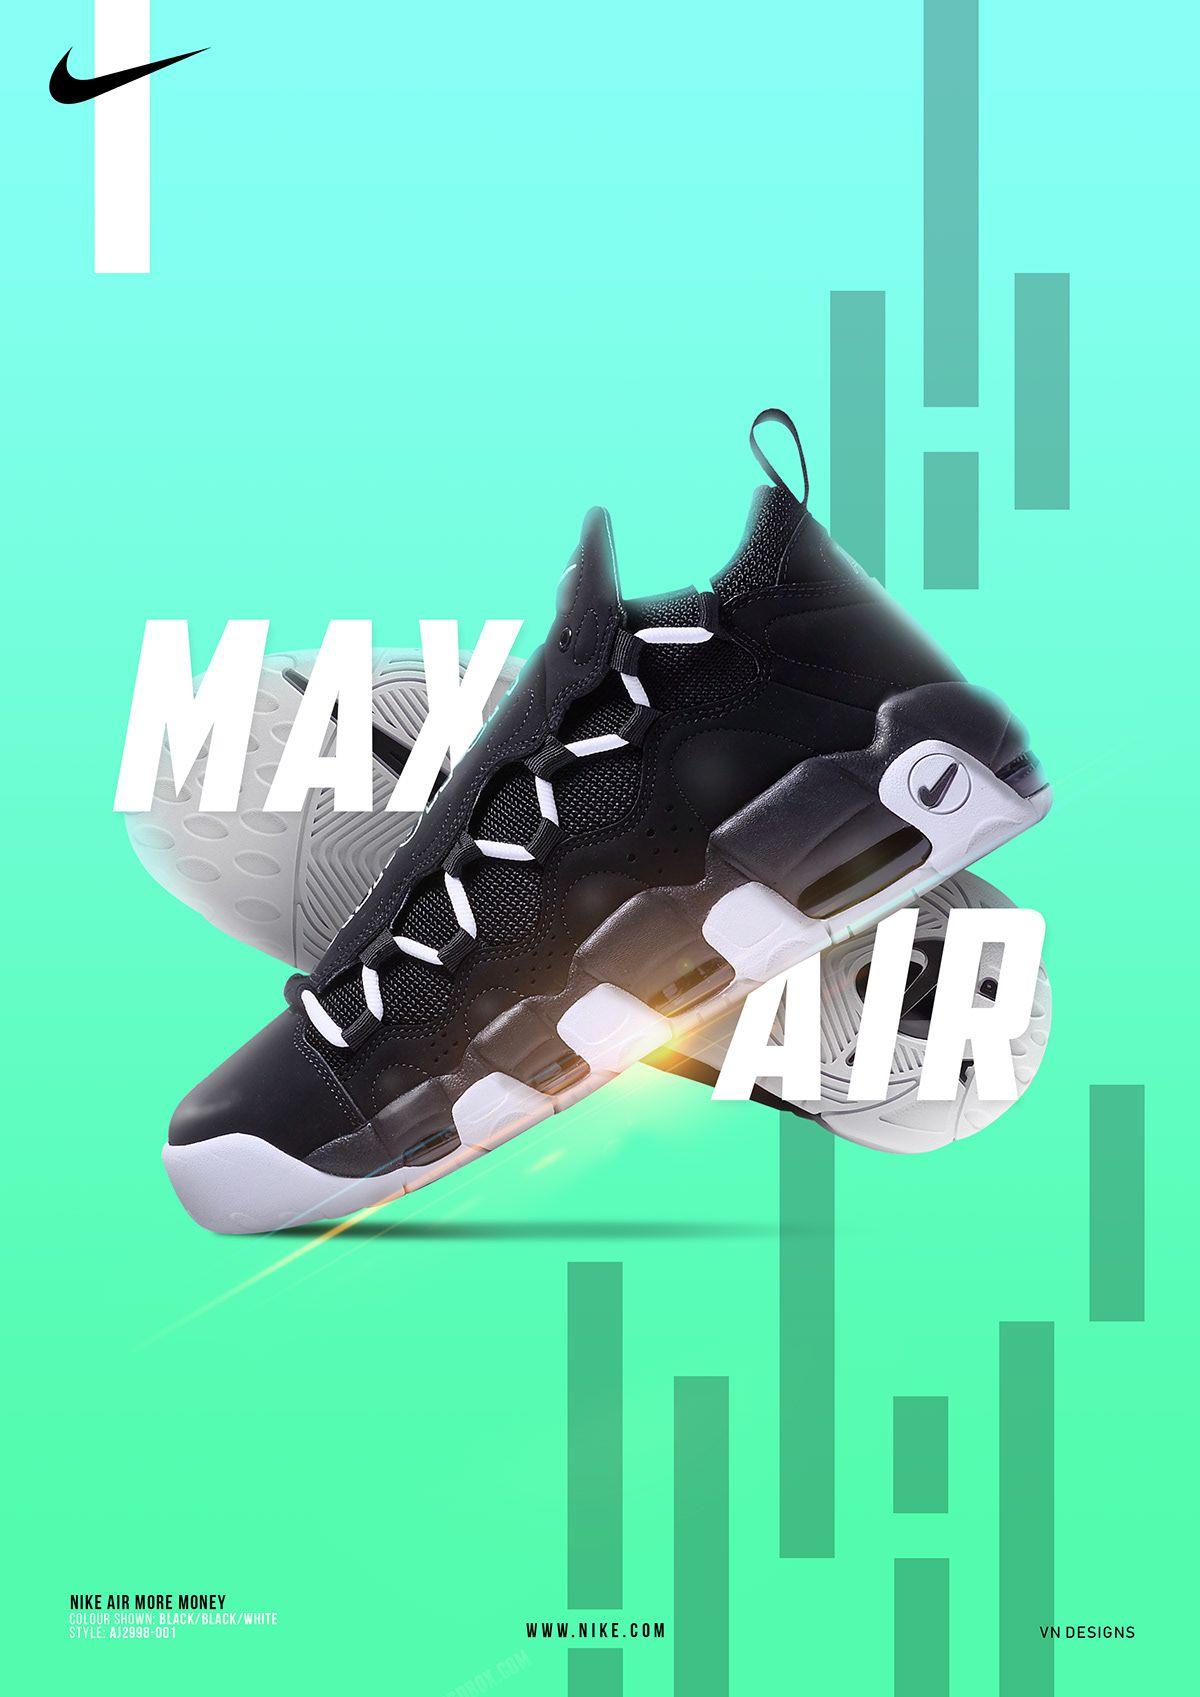 """Nike Unofficial Product Poster Ad On Behance ˂˜ì´í'¤ ̗ì–´ë§¥ìŠ¤ ̊¤í¬ì¸ Ê´'ê³ ̂¬ì§"""""""